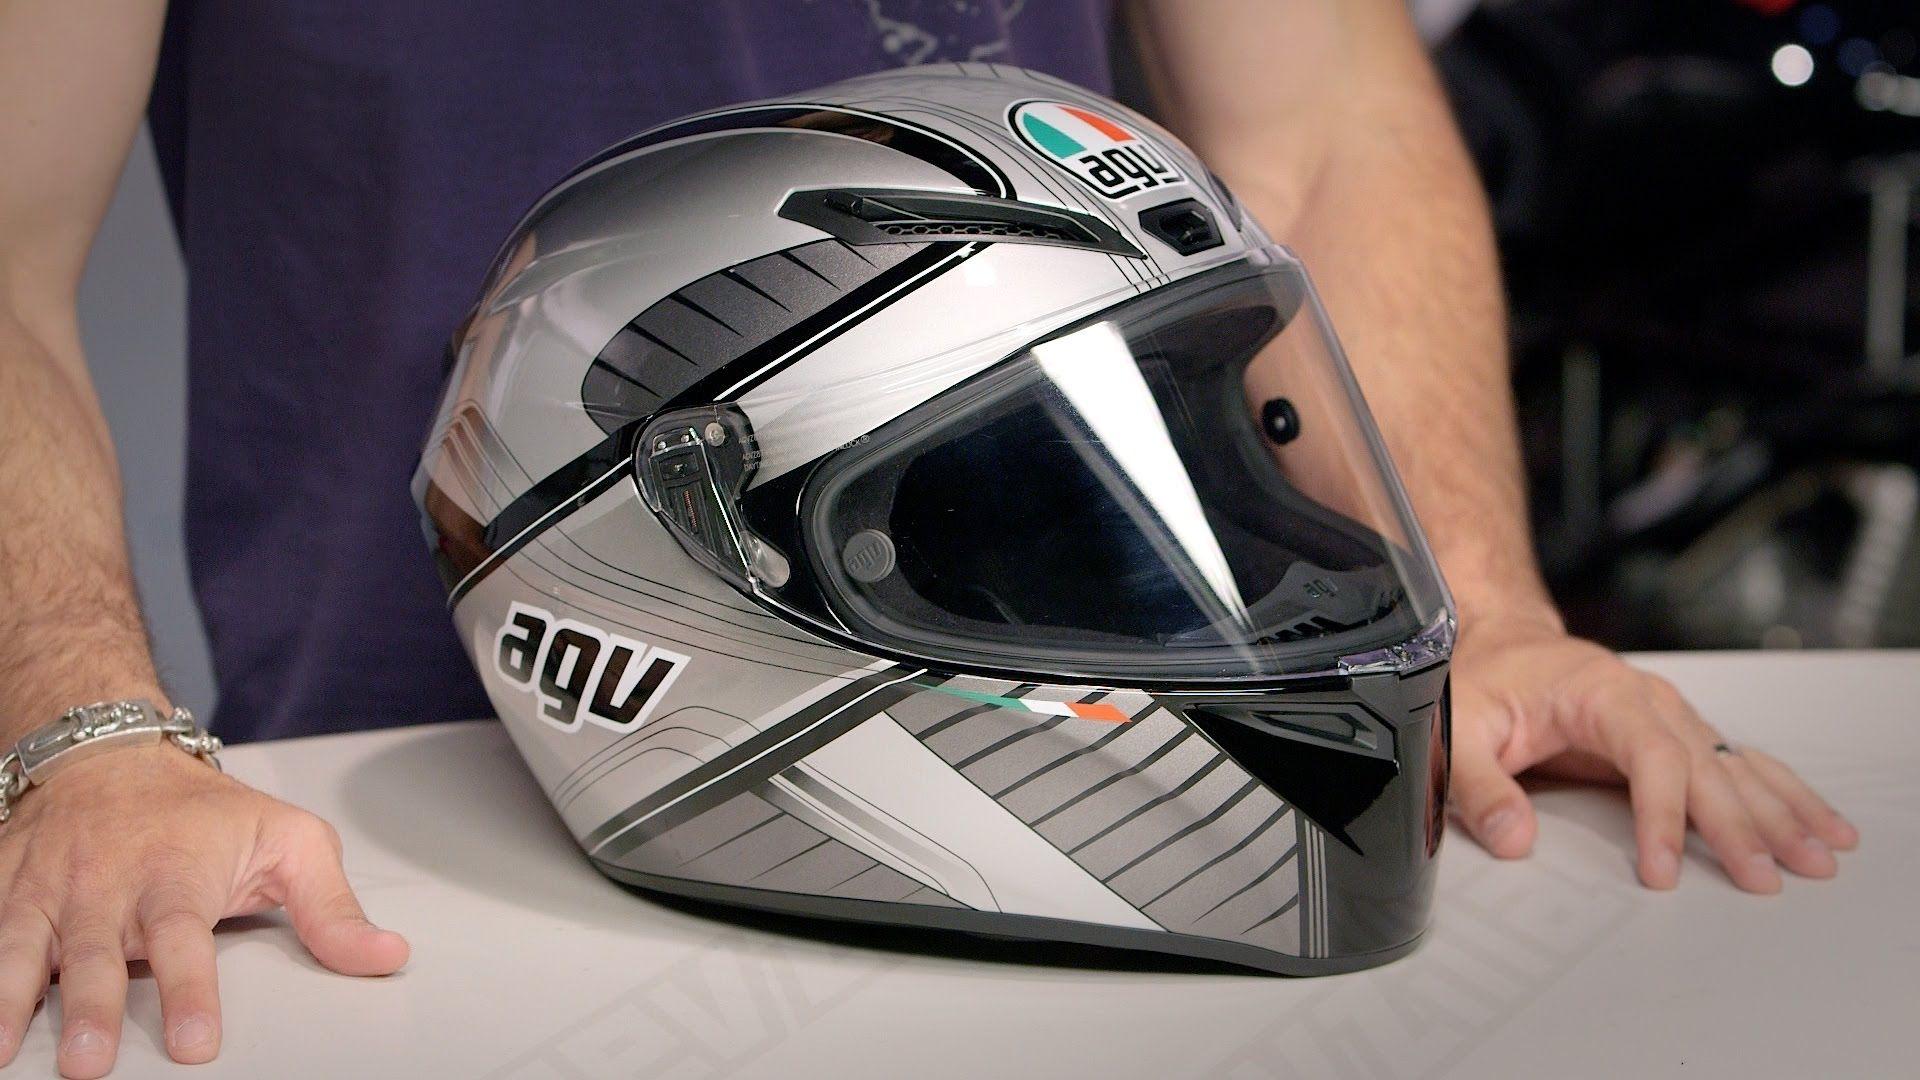 AGV K3 SV S Rossi Misano 2015 | AGV Full Face Helmets